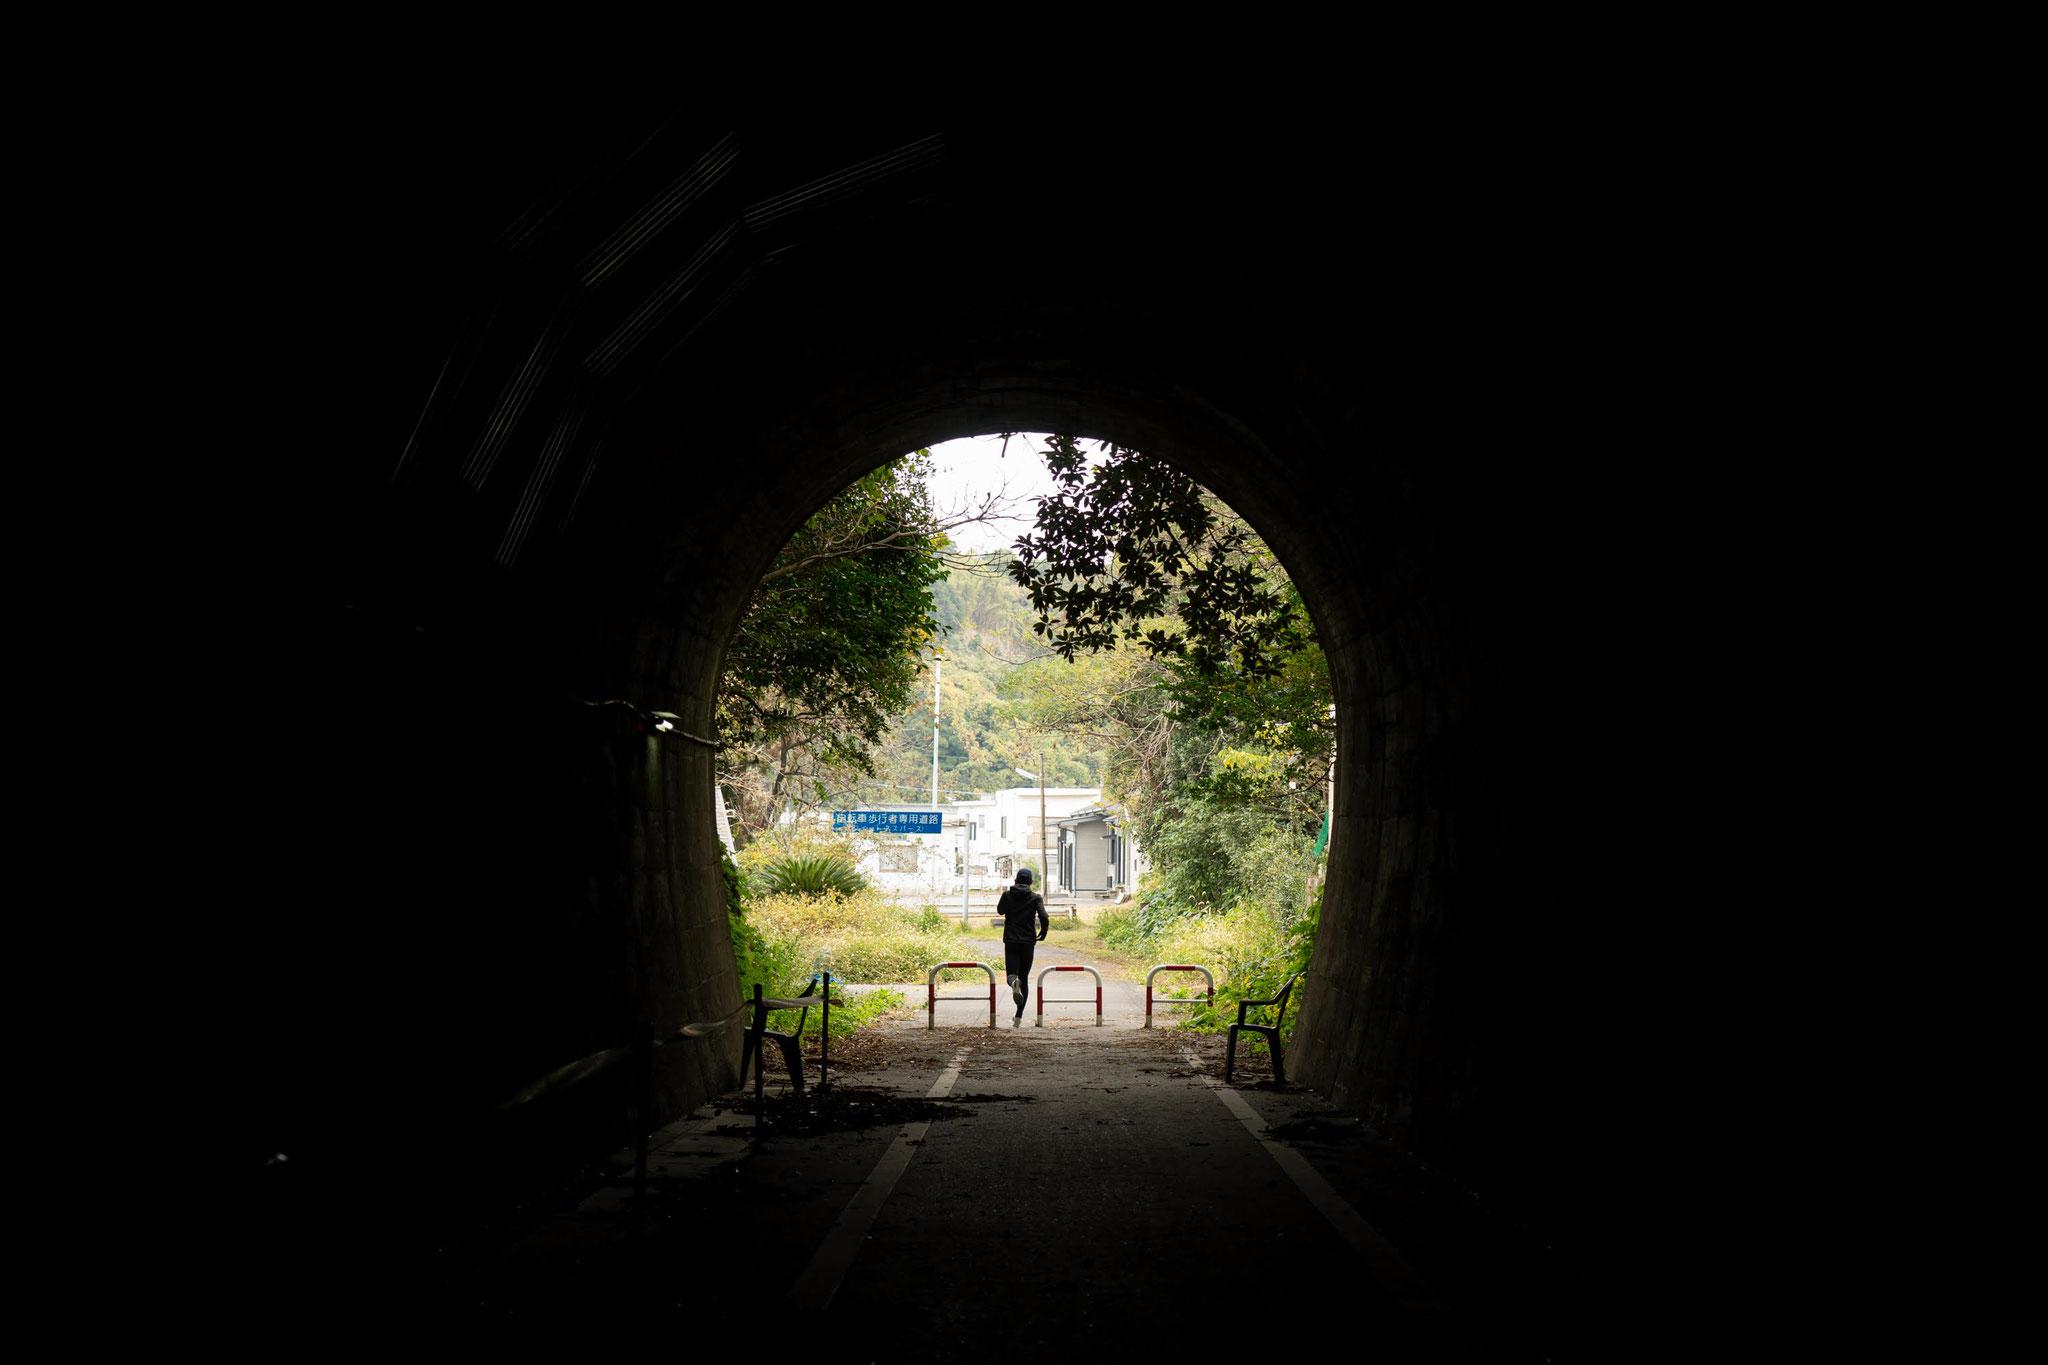 かつてのトンネルを走る人